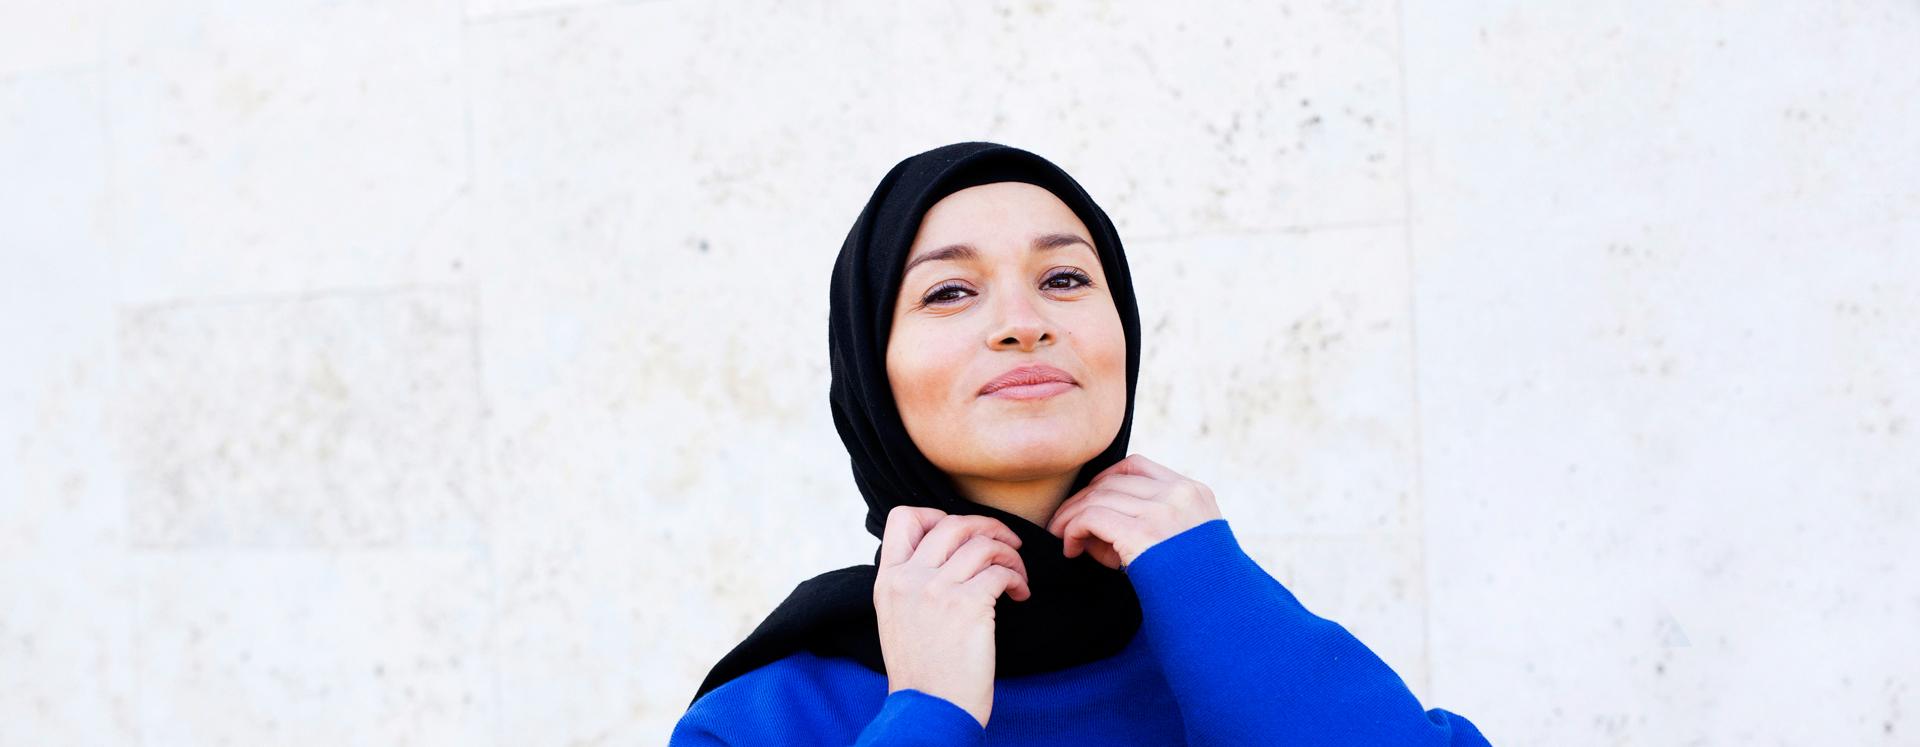 Voldsudsat ung kvinde på krisecenter retter på sit tørklæde mens hun smiler